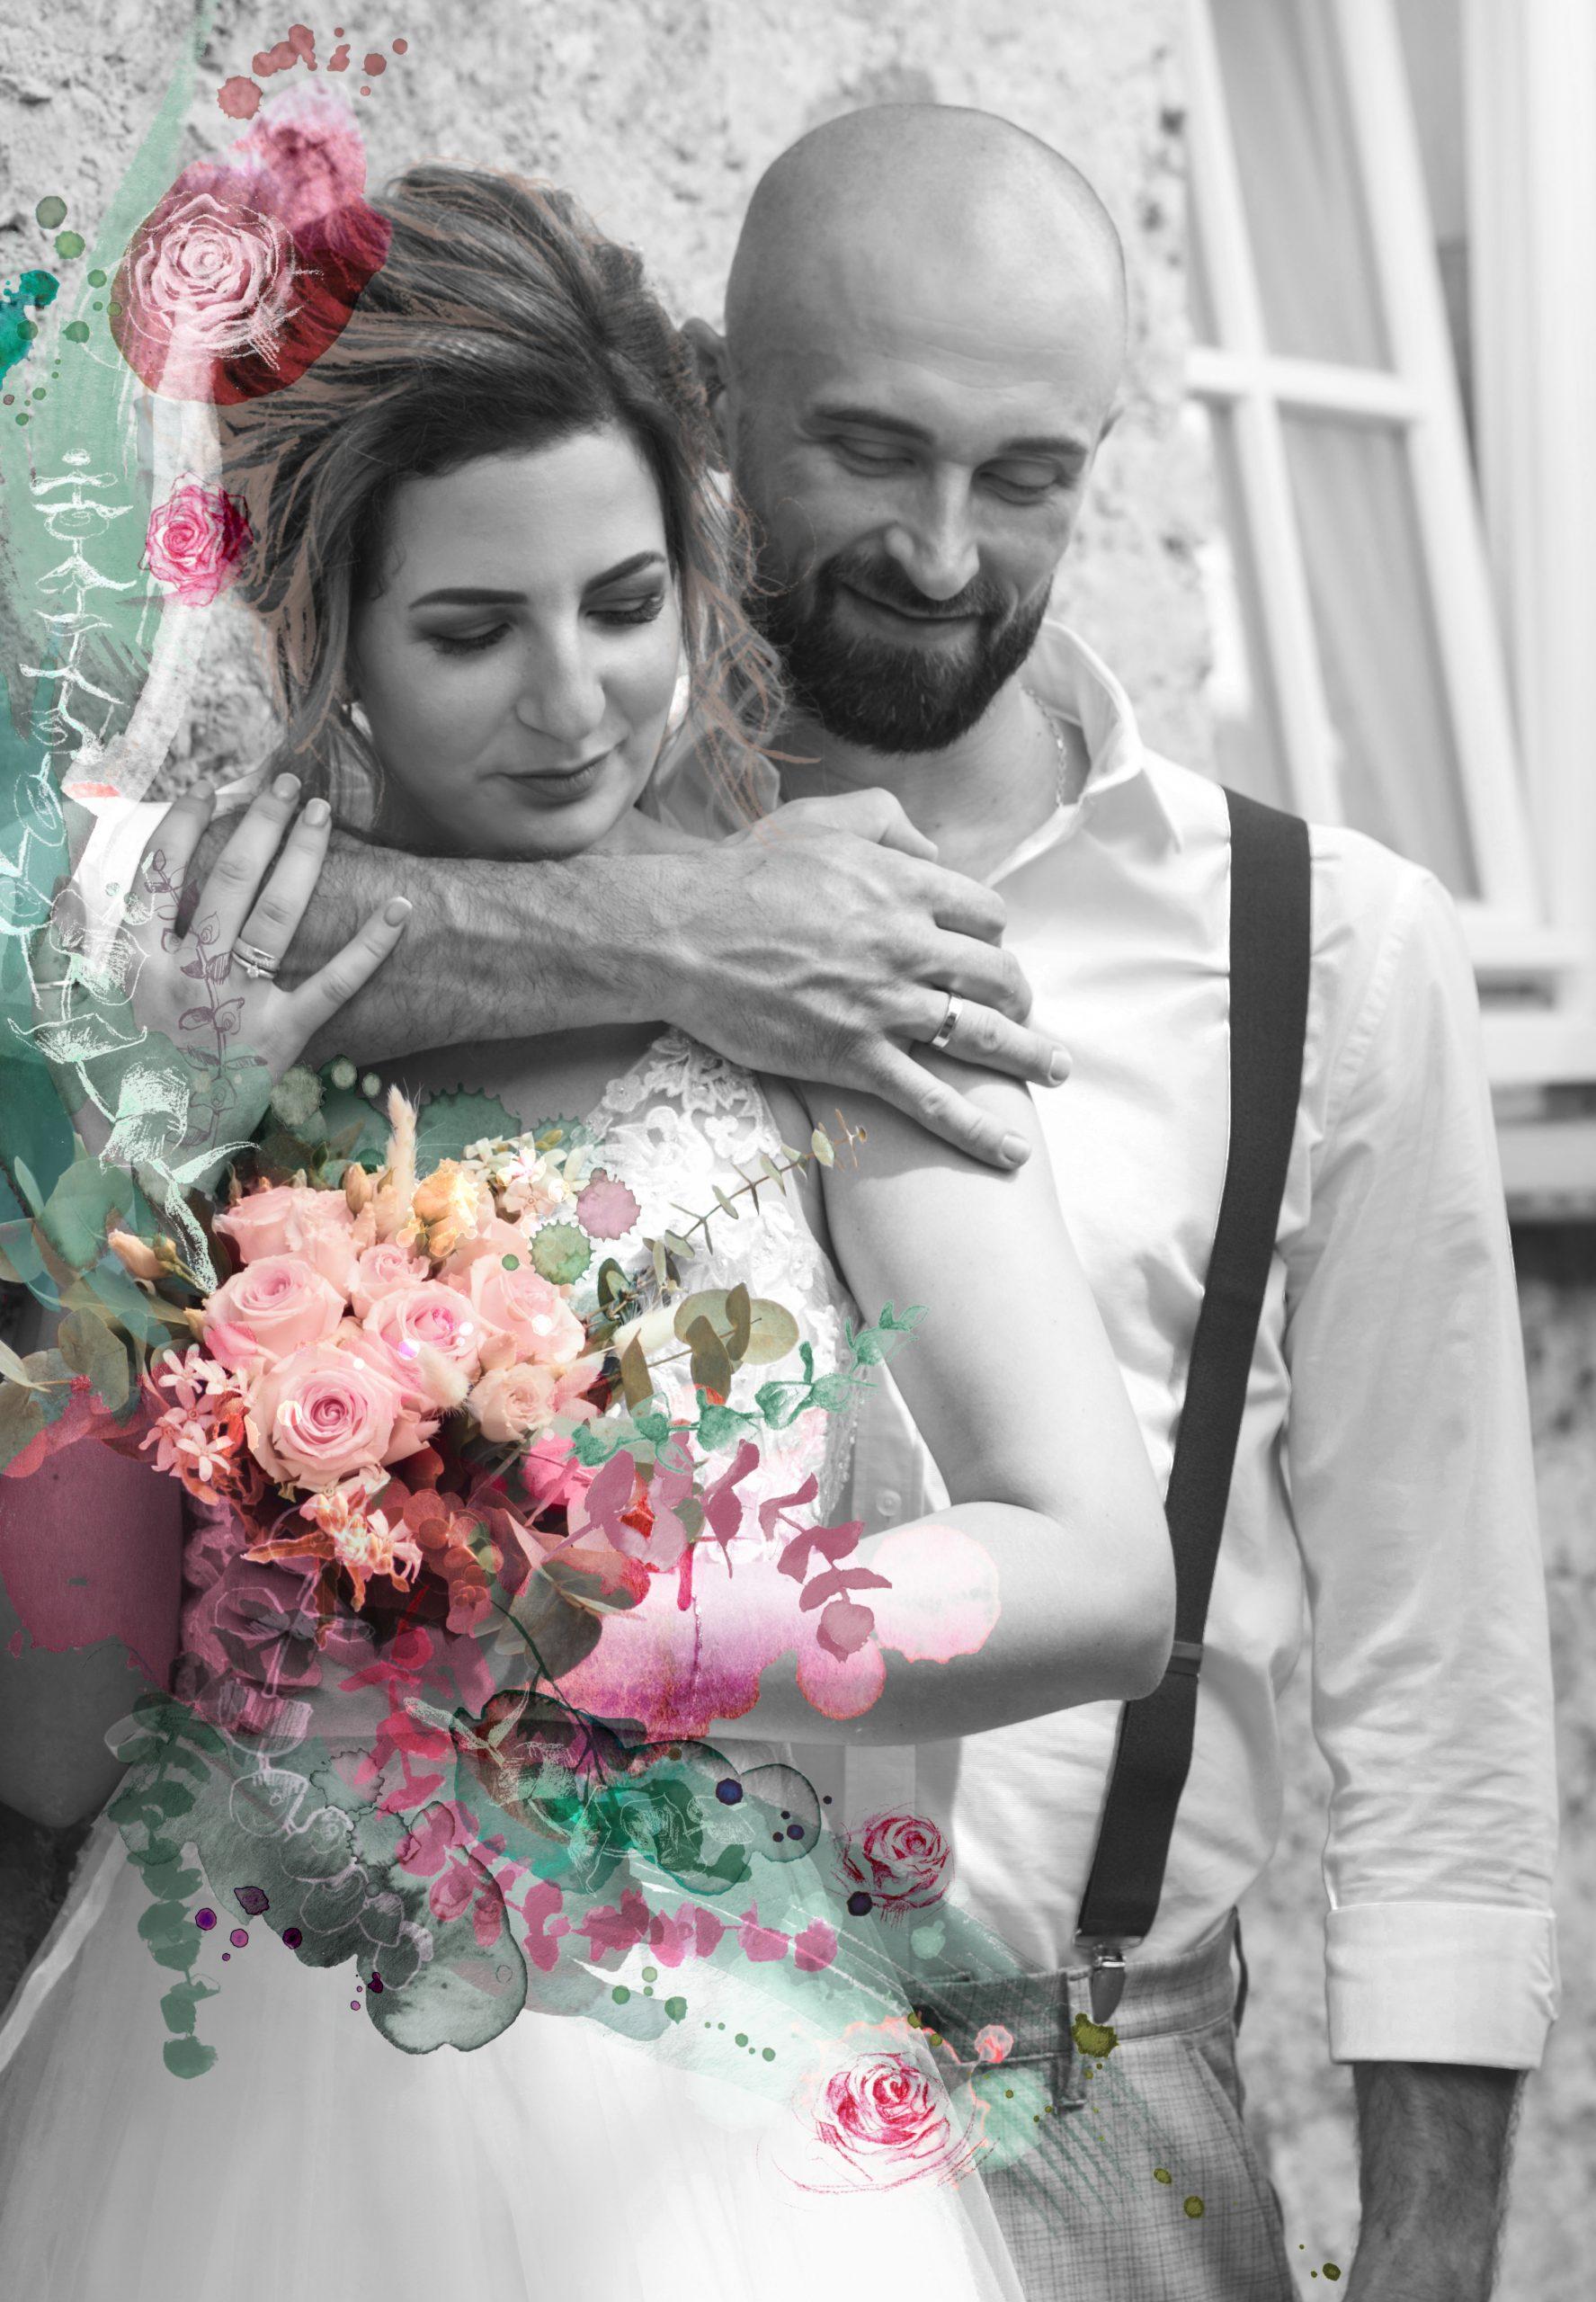 Hochzeit_Fotografie_Augsburg_Altstadt_Franziska_Schneider